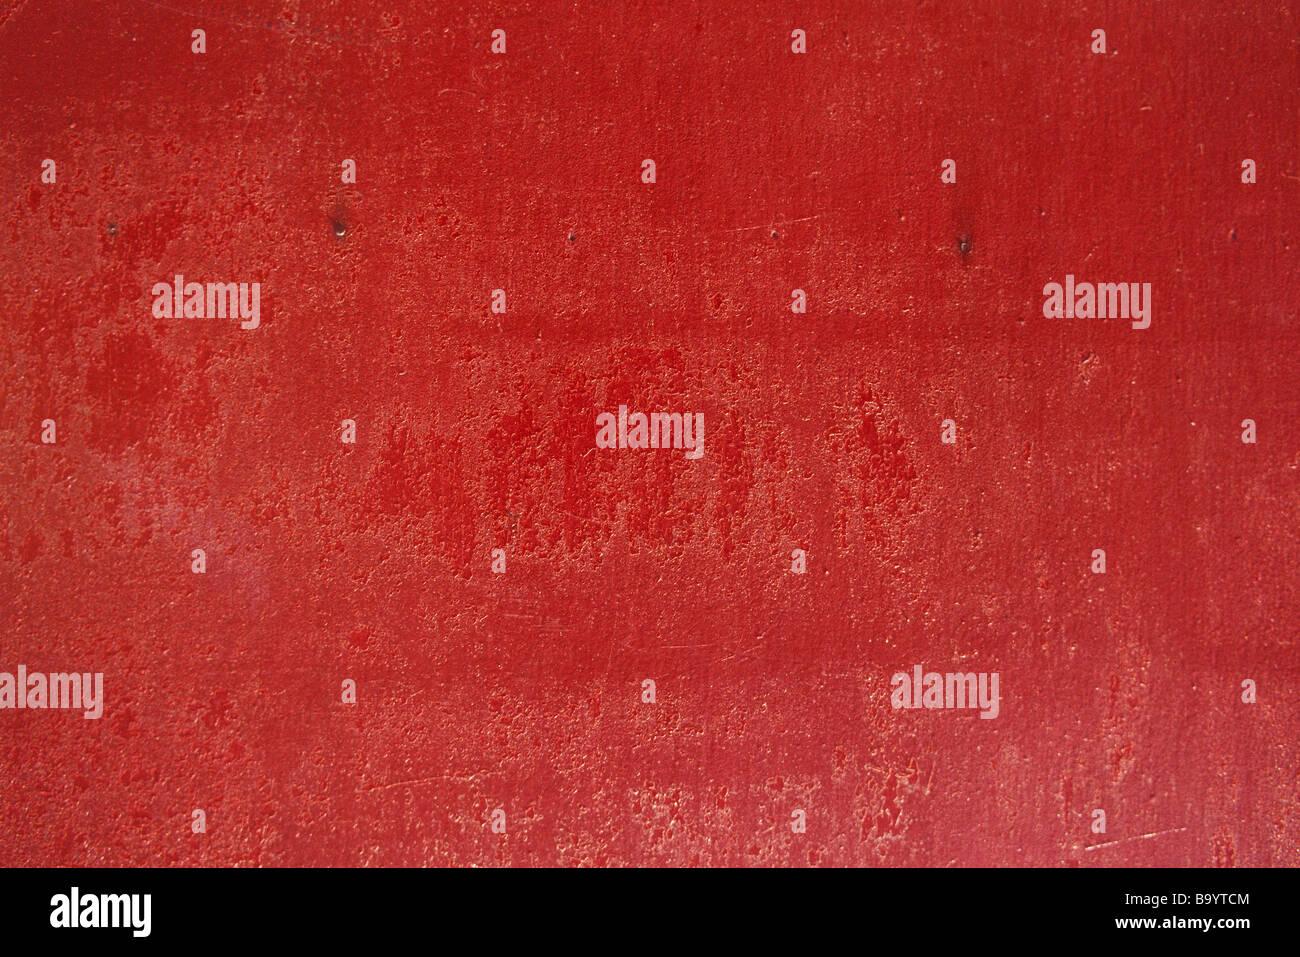 Red superficie verniciata Immagini Stock